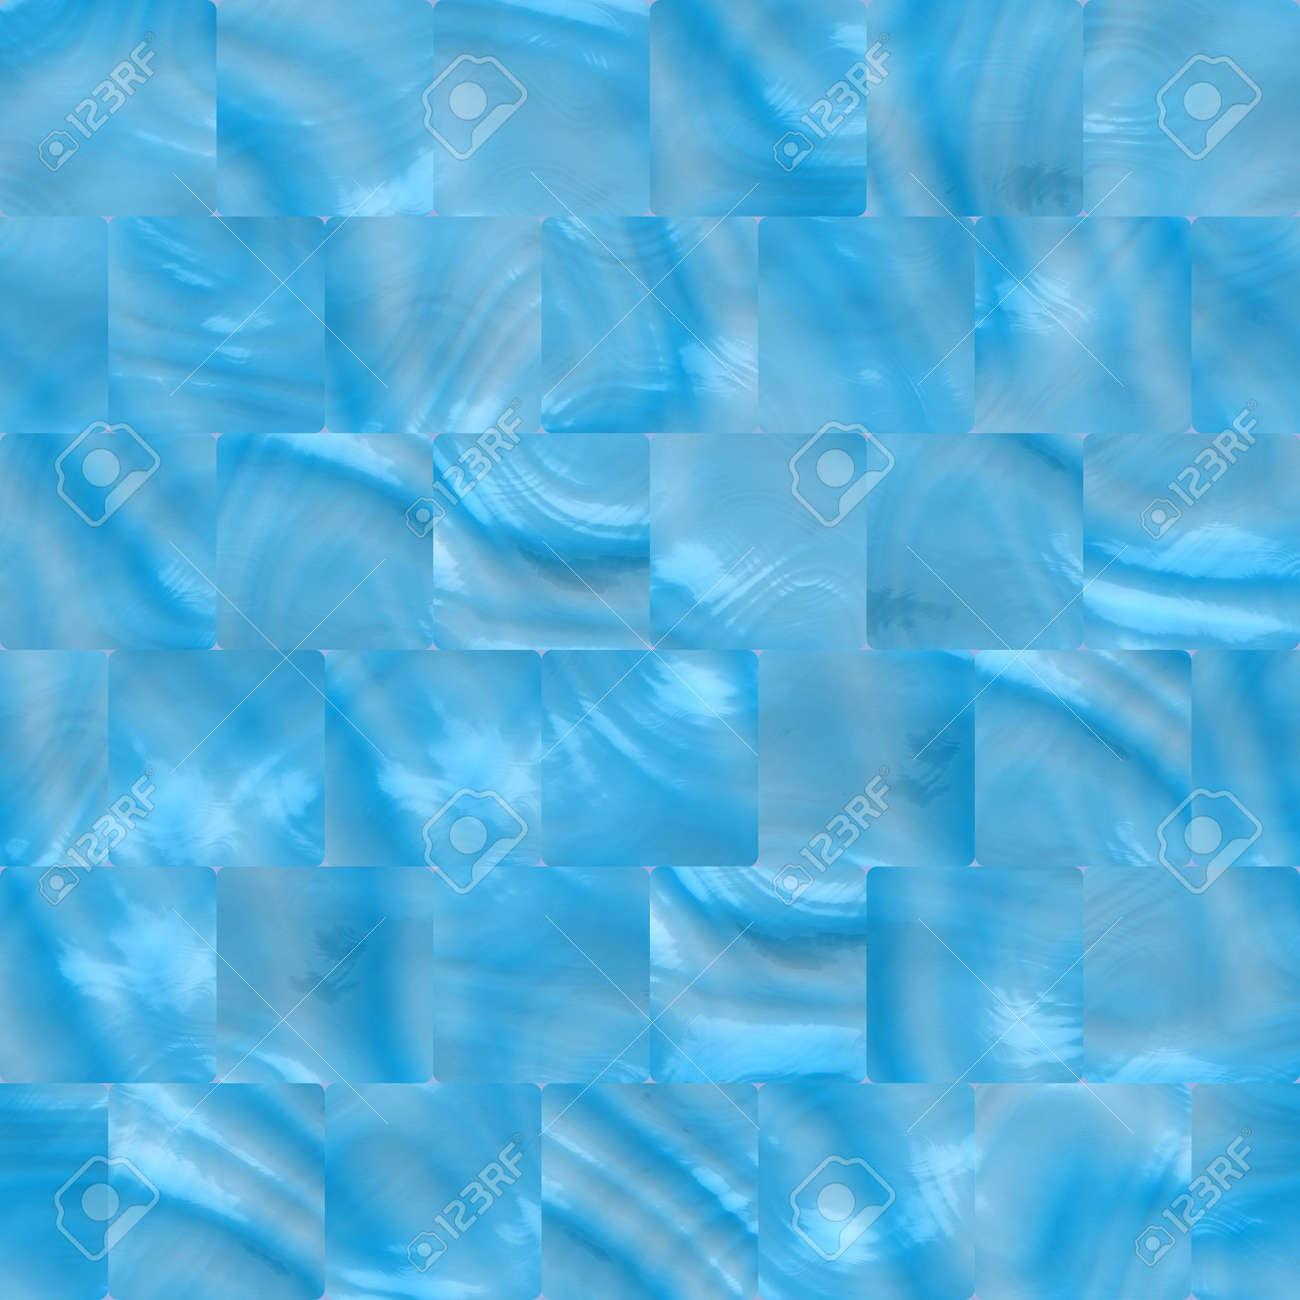 Banque Du0027images   Bleu Carreaux De Céramique Pour Salle De Bains, Cuisine  Ou Piscine, De Façon Transparente Labourables